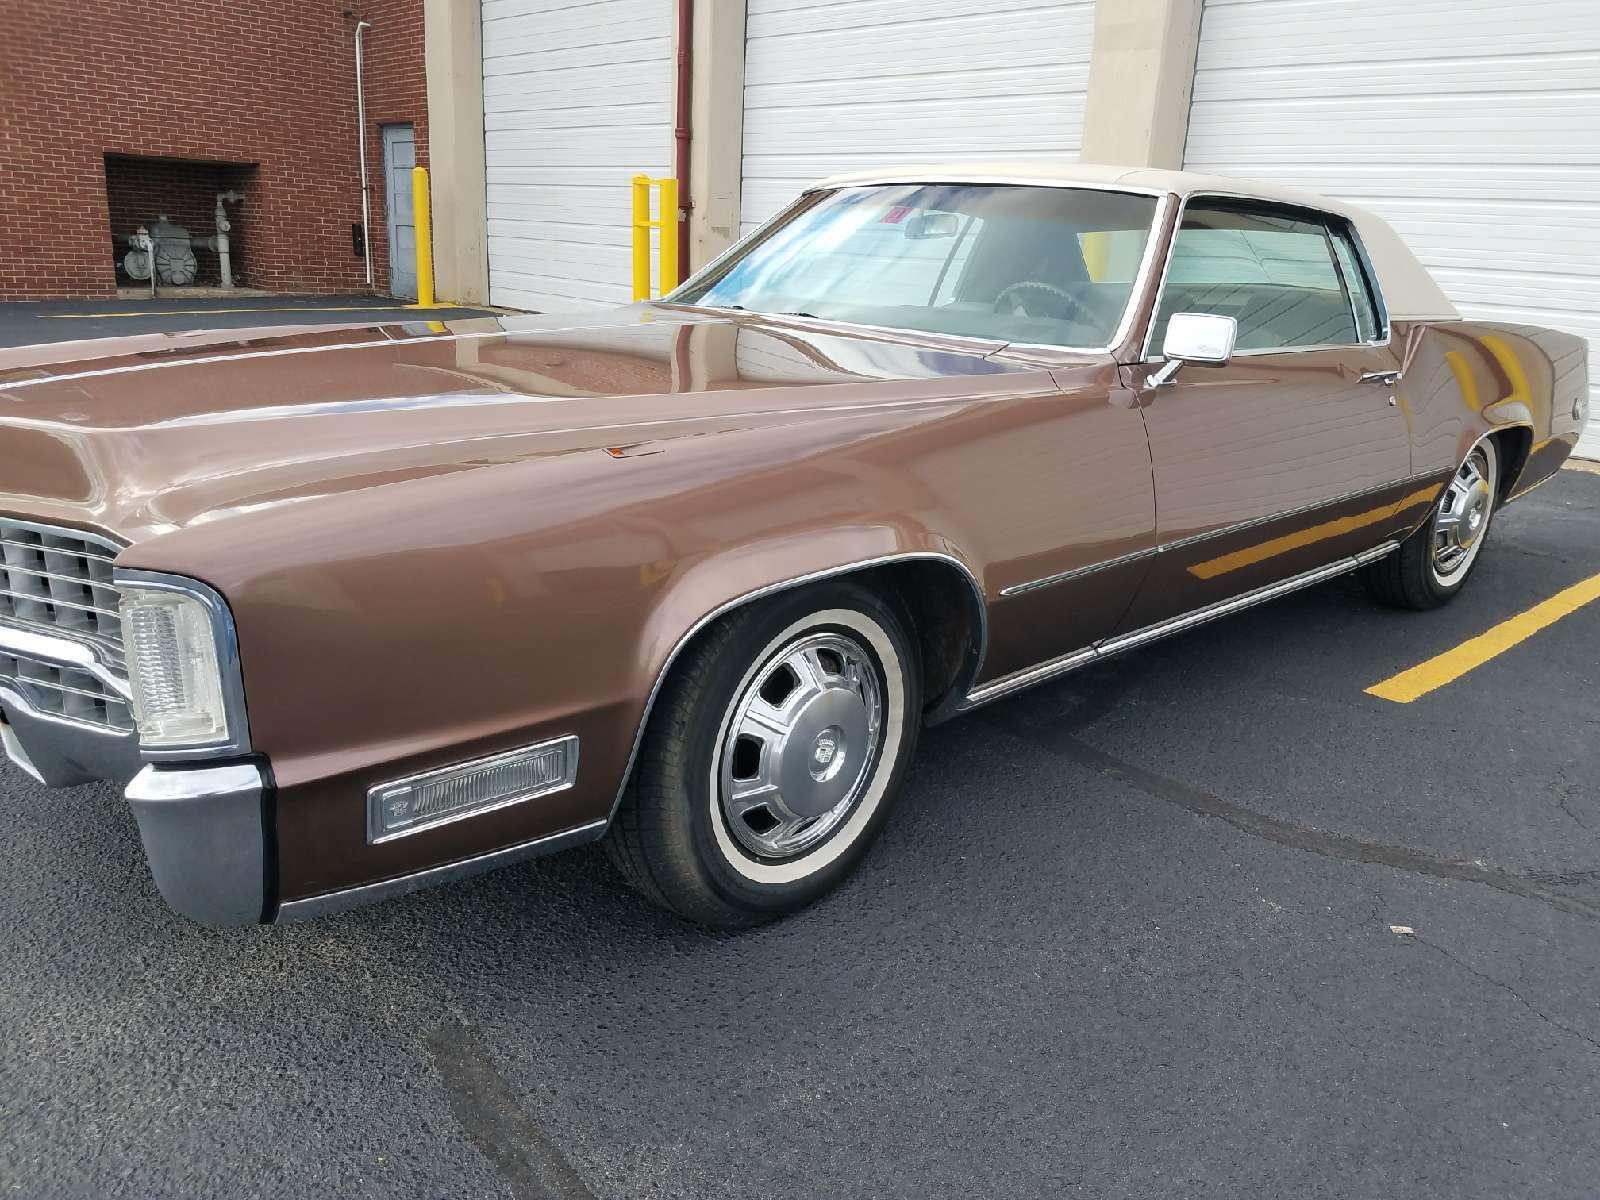 1968 Cadillac Eldorado HARDTOP 1968 Cadillac Eldorado